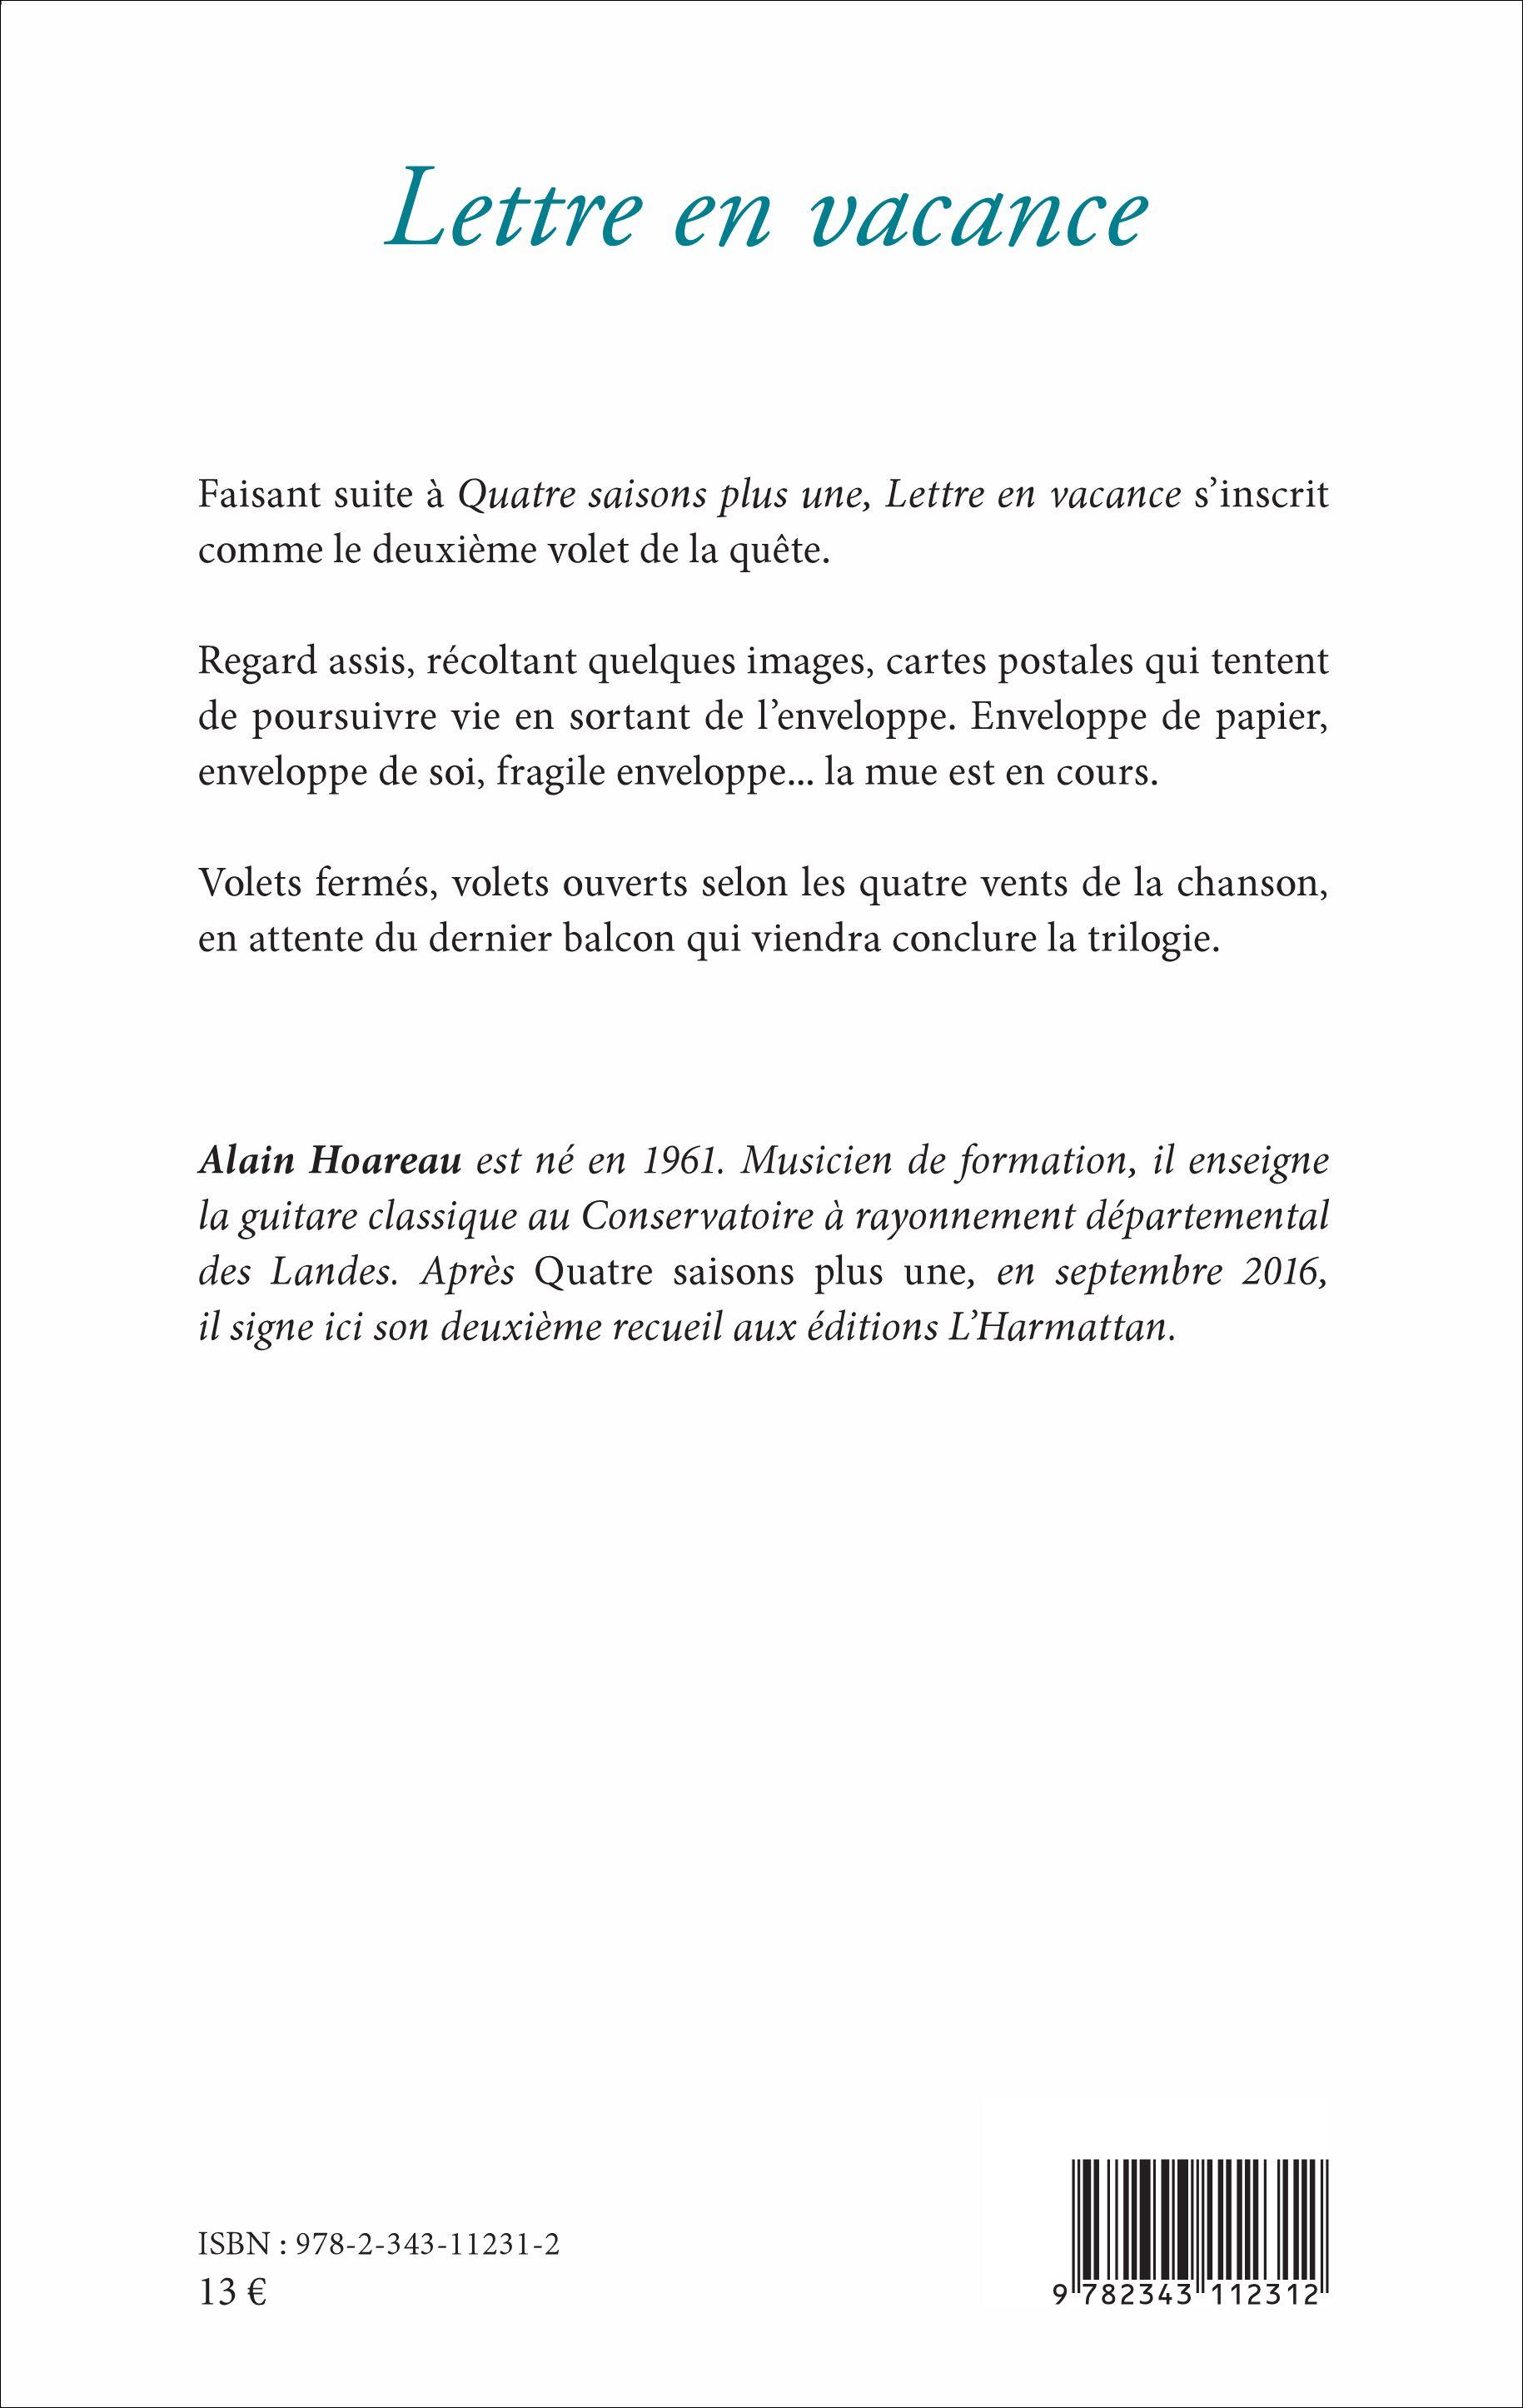 lettre vacances LETTRE EN VACANCE, Alain Hoareau   livre, ebook, epub lettre vacances